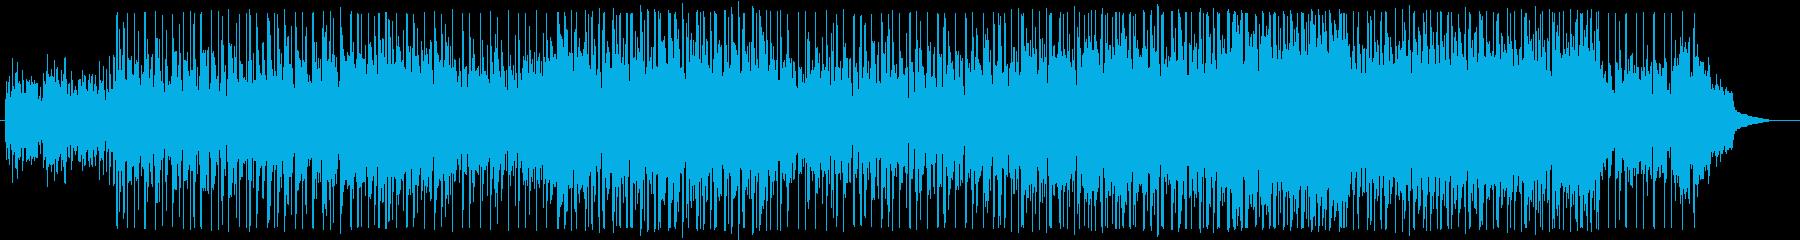 背景をポップします。オーケストラ。の再生済みの波形